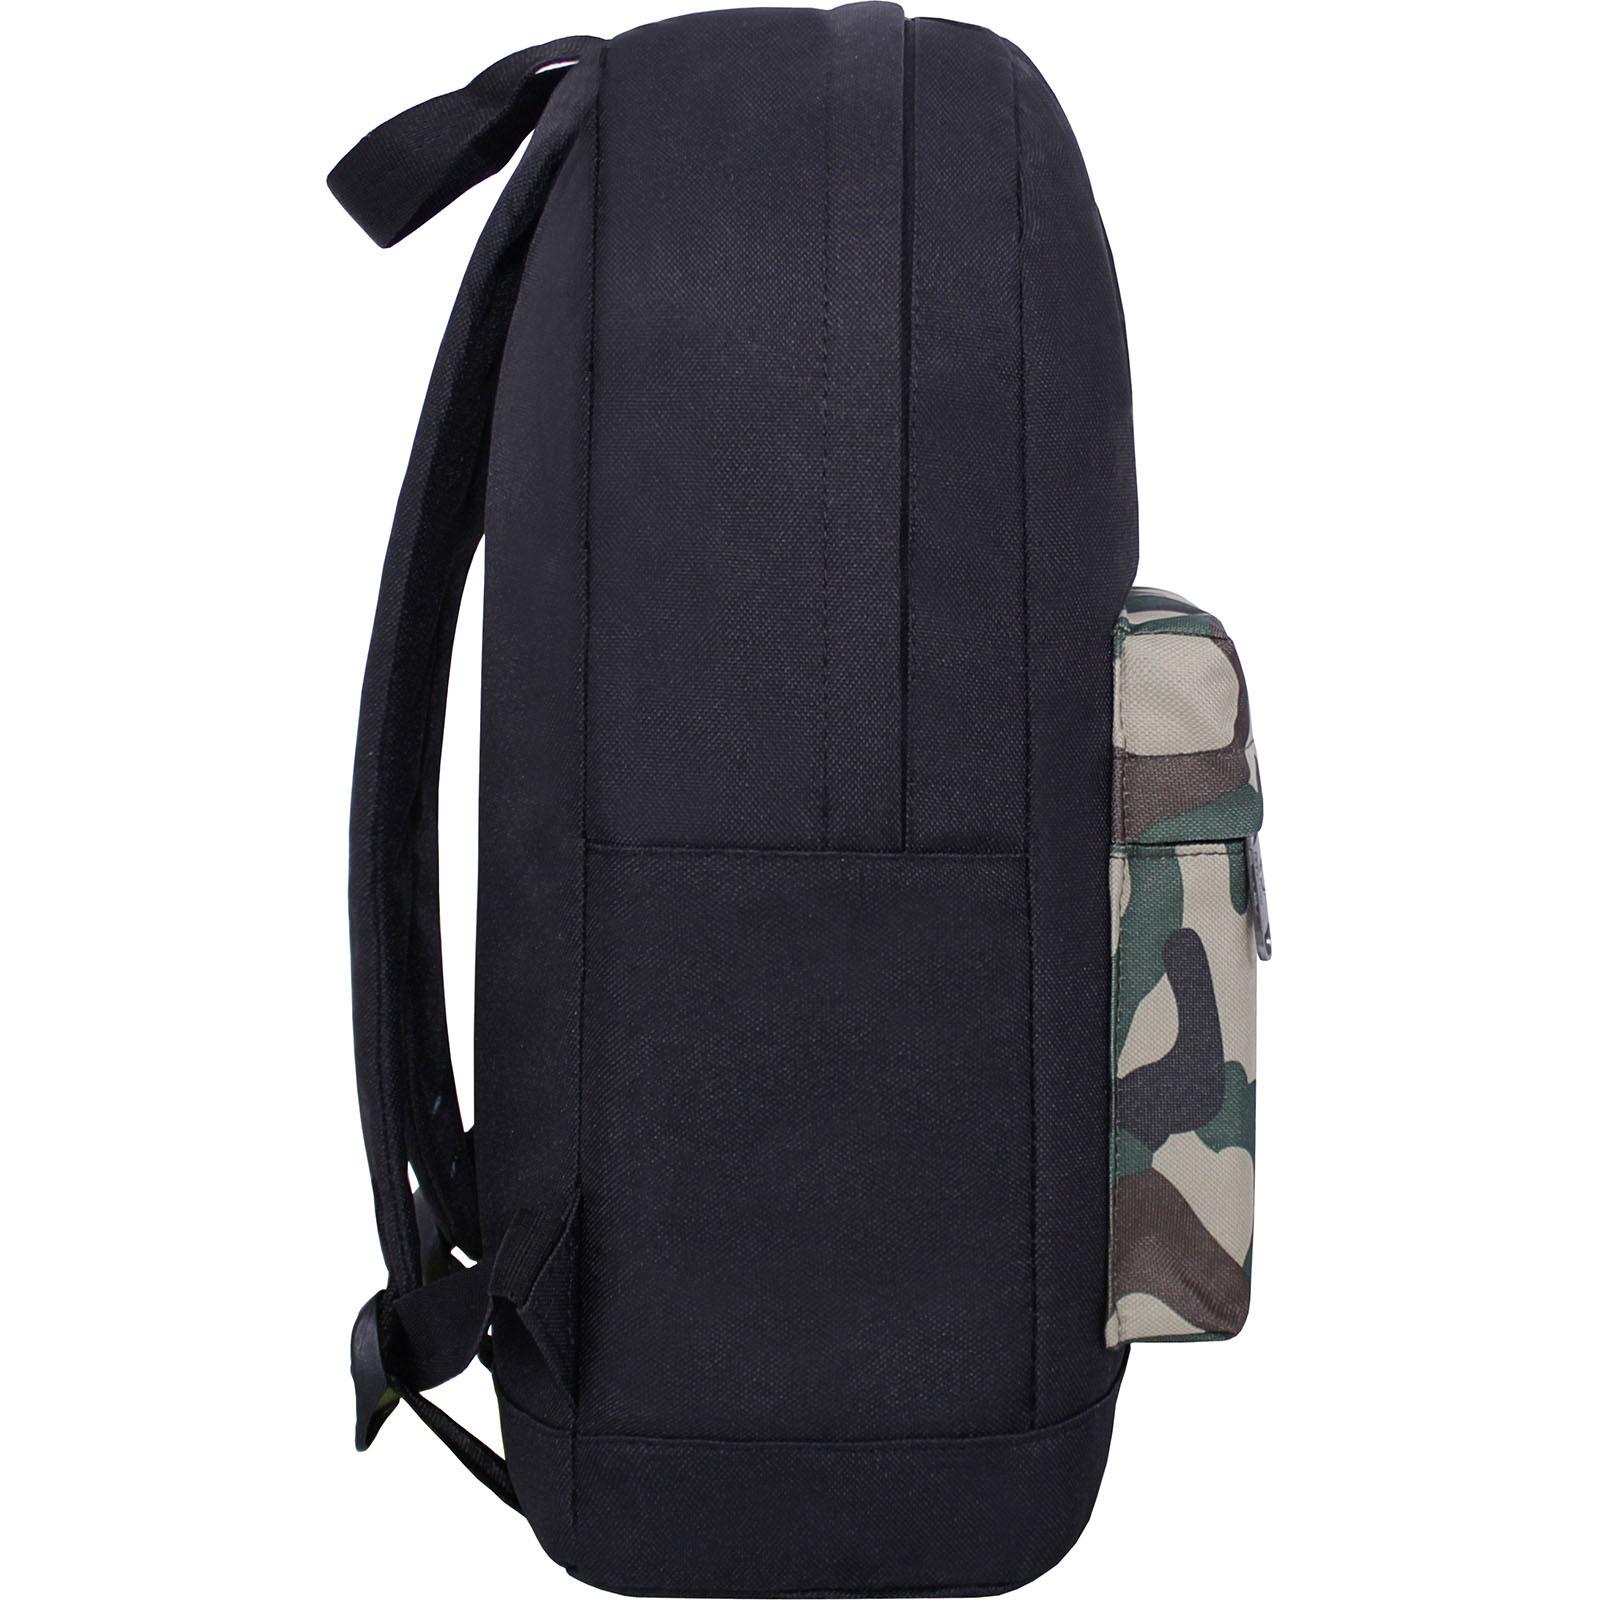 Рюкзак Bagland Молодежный W/R 17 л. черный/камуфляж (00533662) фото 2